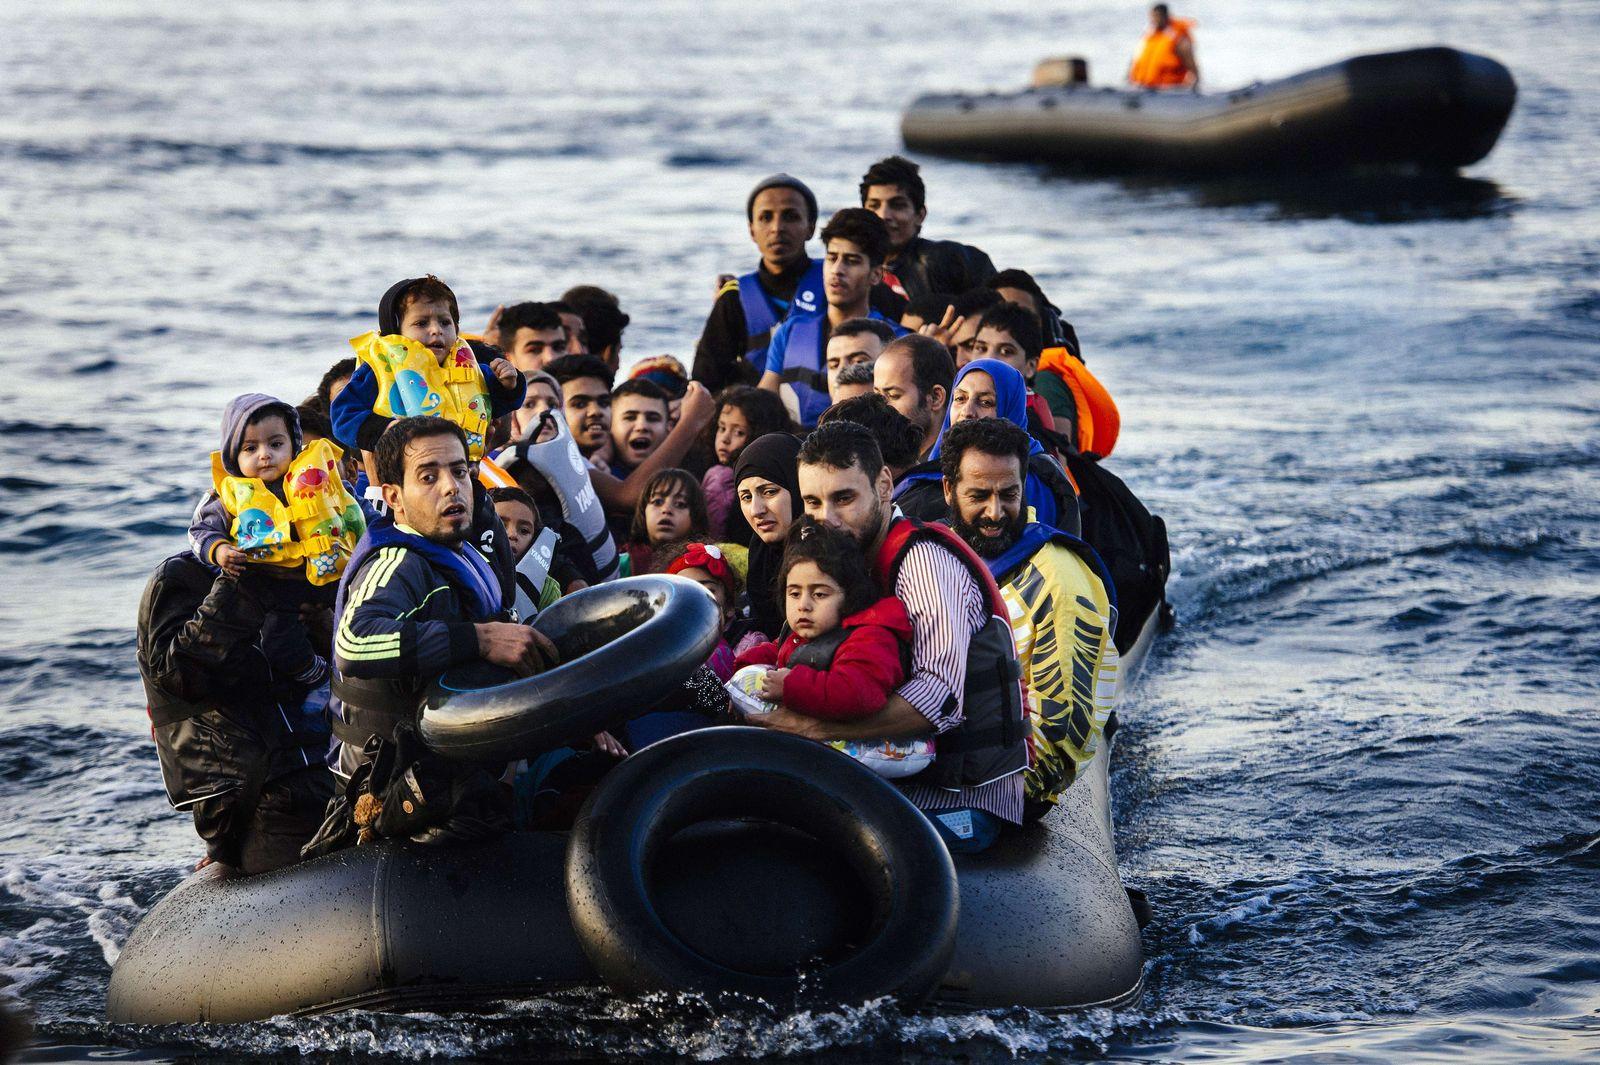 Griechenland/ Lesbos/ Flüchtlinge